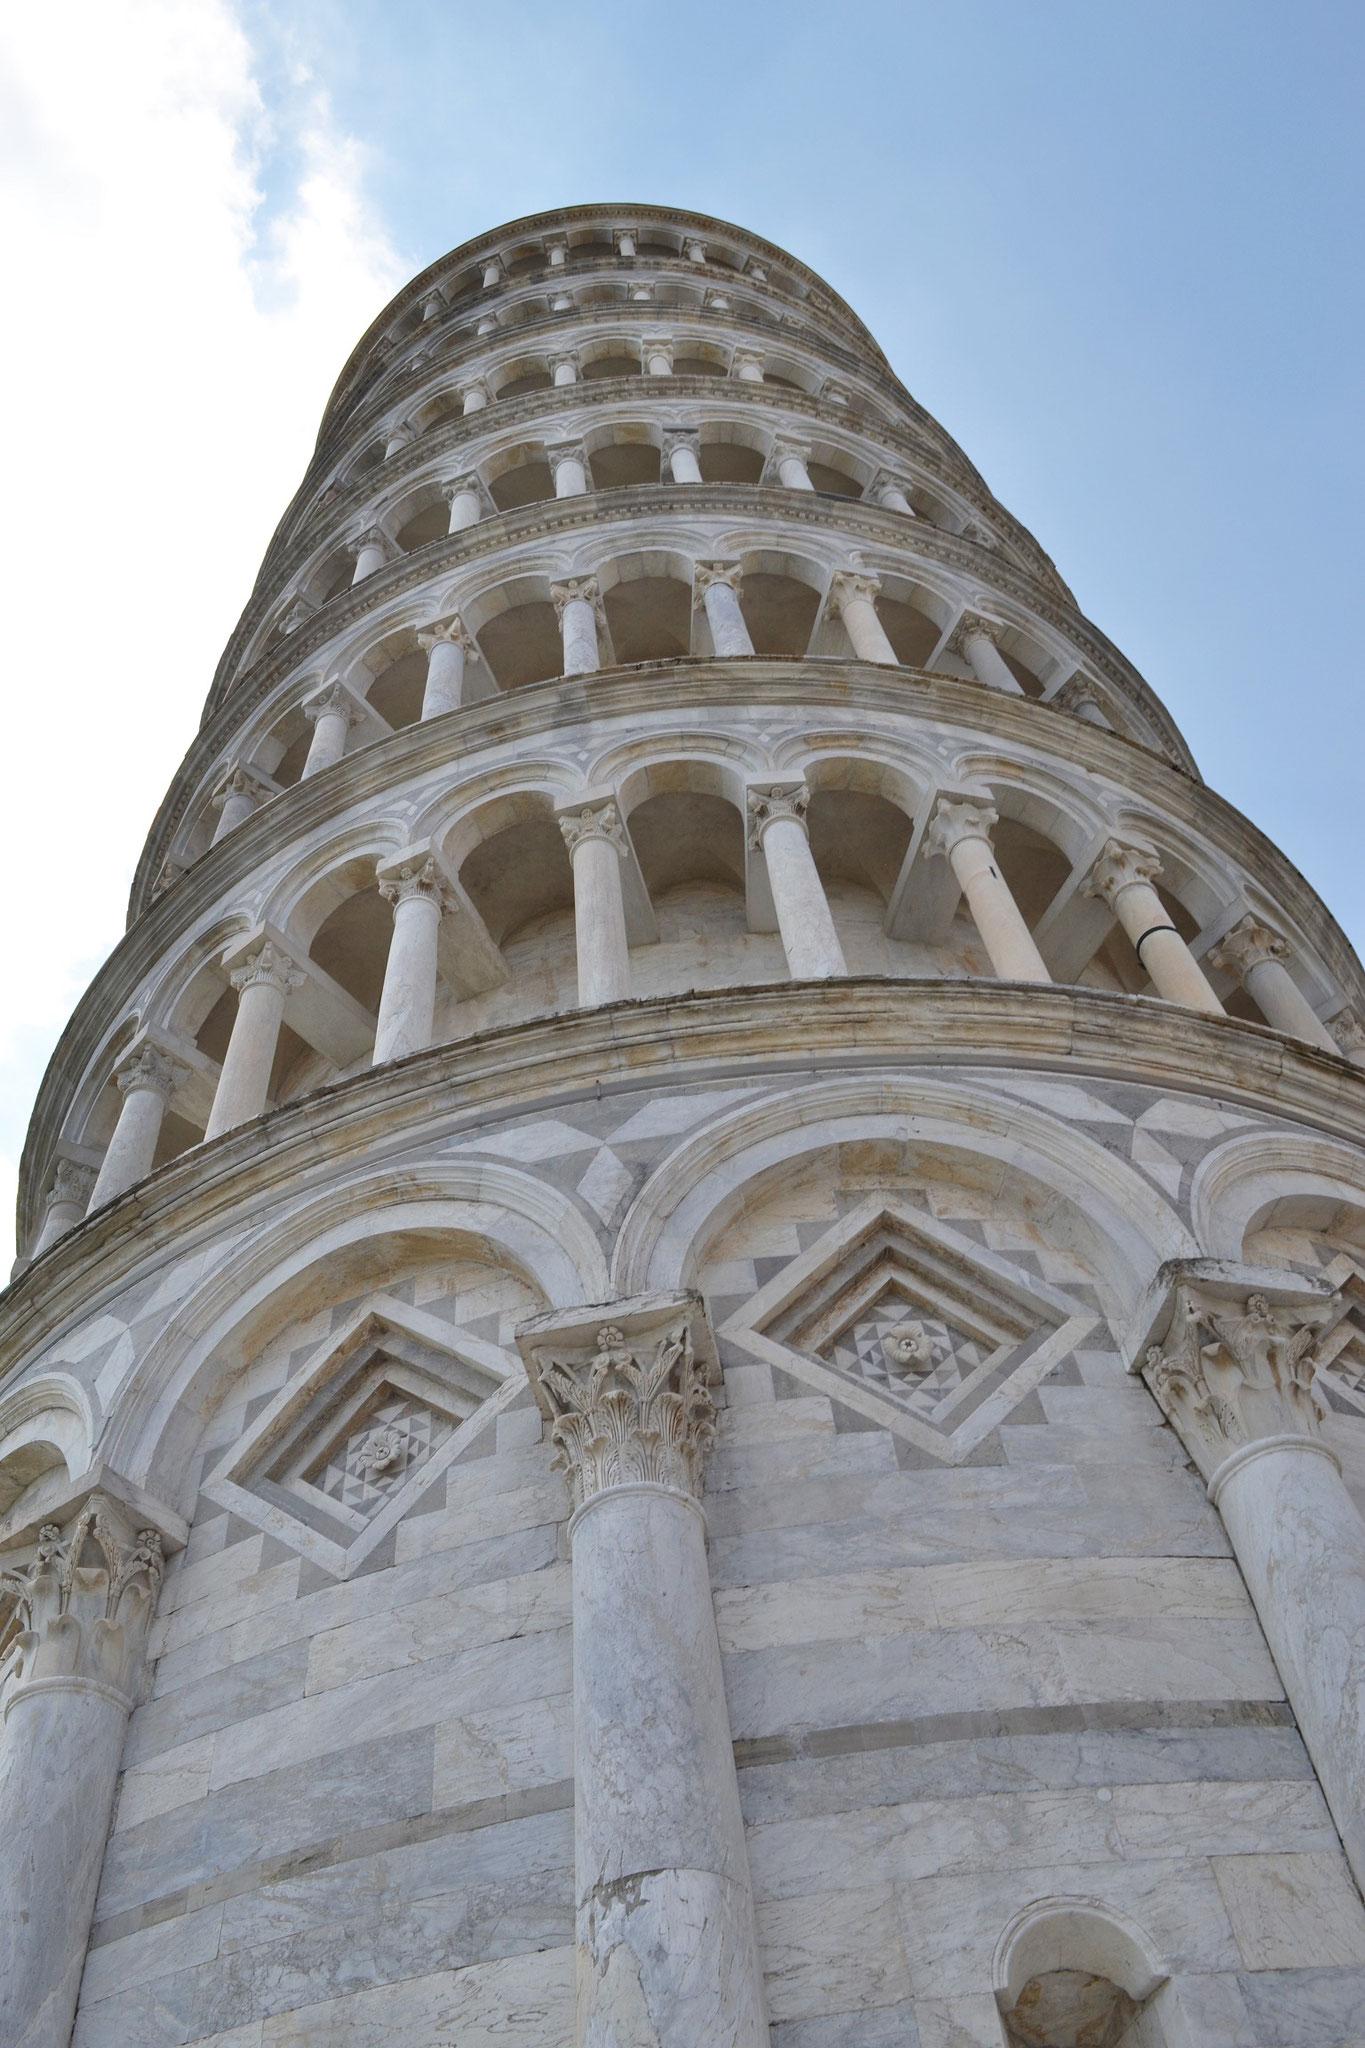 Van 1990-2004 gerestaureerd zodat toren niet omvalt. Ze hebben helling van 4,5 meter naar 4 meter terugebracht.